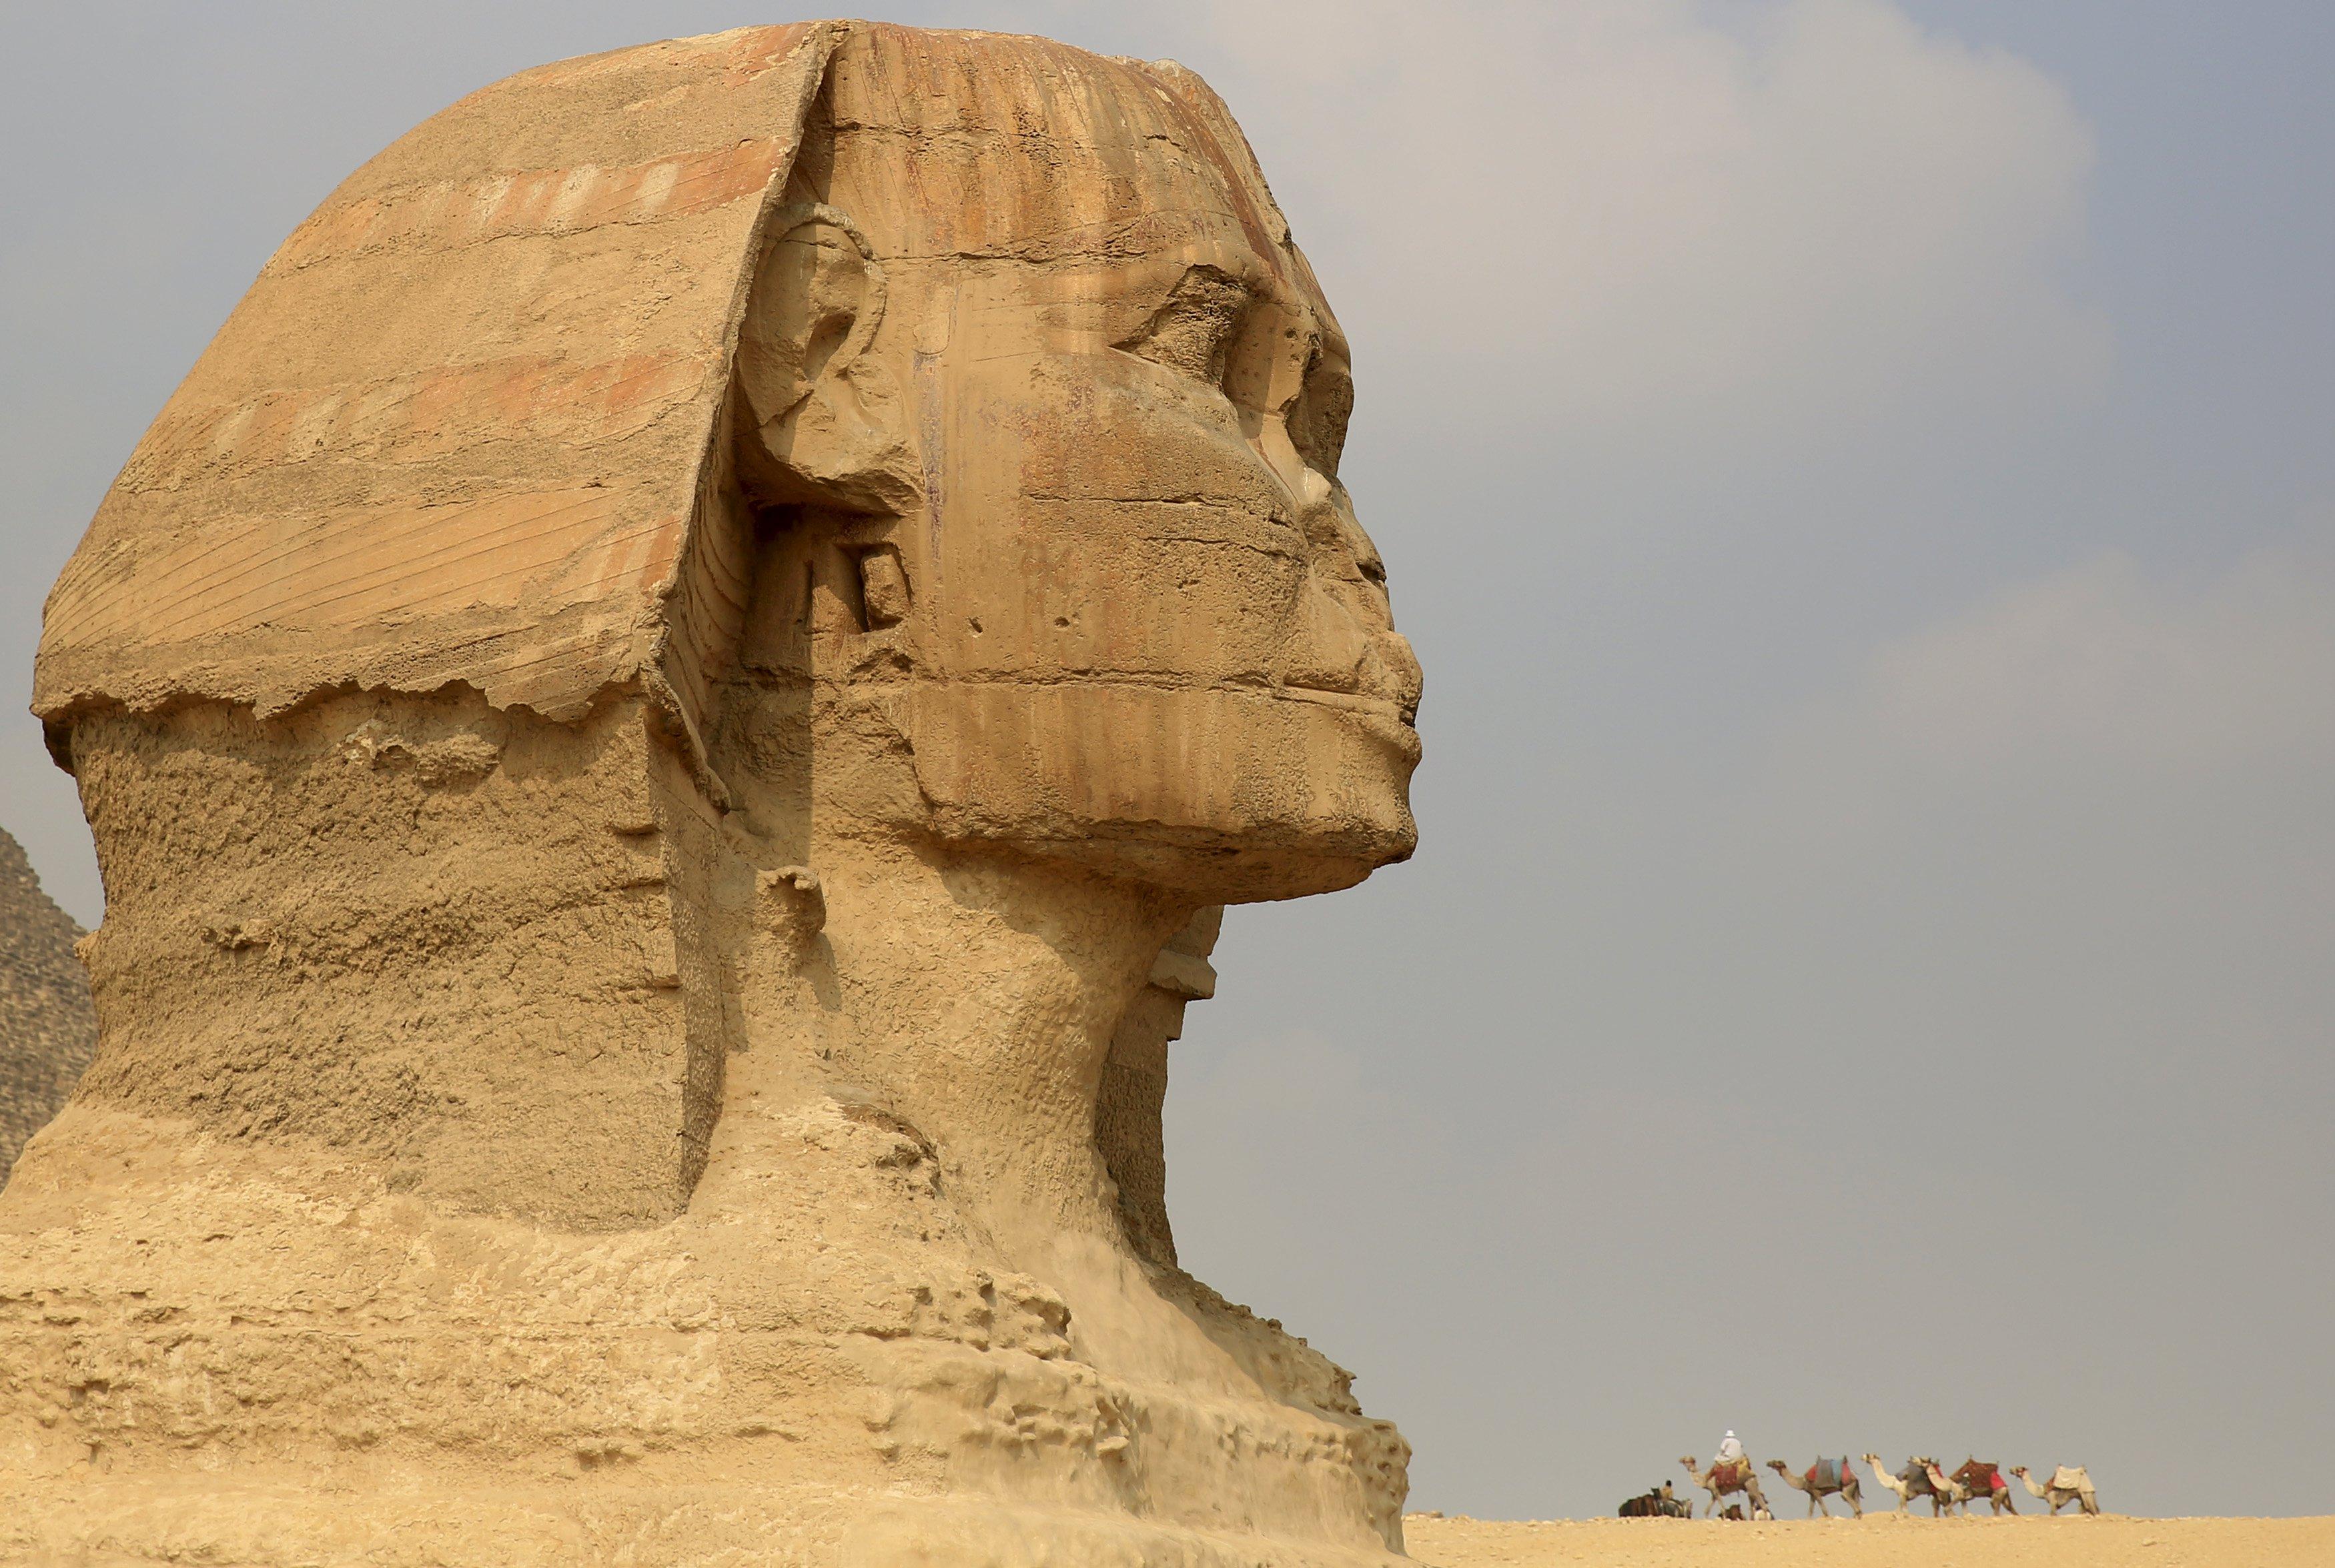 Seorang pekerja menaiki unta saat ia menunggu turis di depan Sphinx di Piramida Giza di pinggiran Kairo, Mesir, Minggu (8/11). Menteri Pariwisata Mesir Hesham Zaazou menyatakan bahwa Kairo menyesalkan penangguhan penerbangan dan melakukan semua hal untuk mengamankan bandara dan lokasi pariwisata, menambahkan bahwa ia akan terbang ke Sharm al-Sheikh untuk mengawasi langkah-langkah yang mendukung turis disana. REUTERS/Amr Abdallah Dalsh.